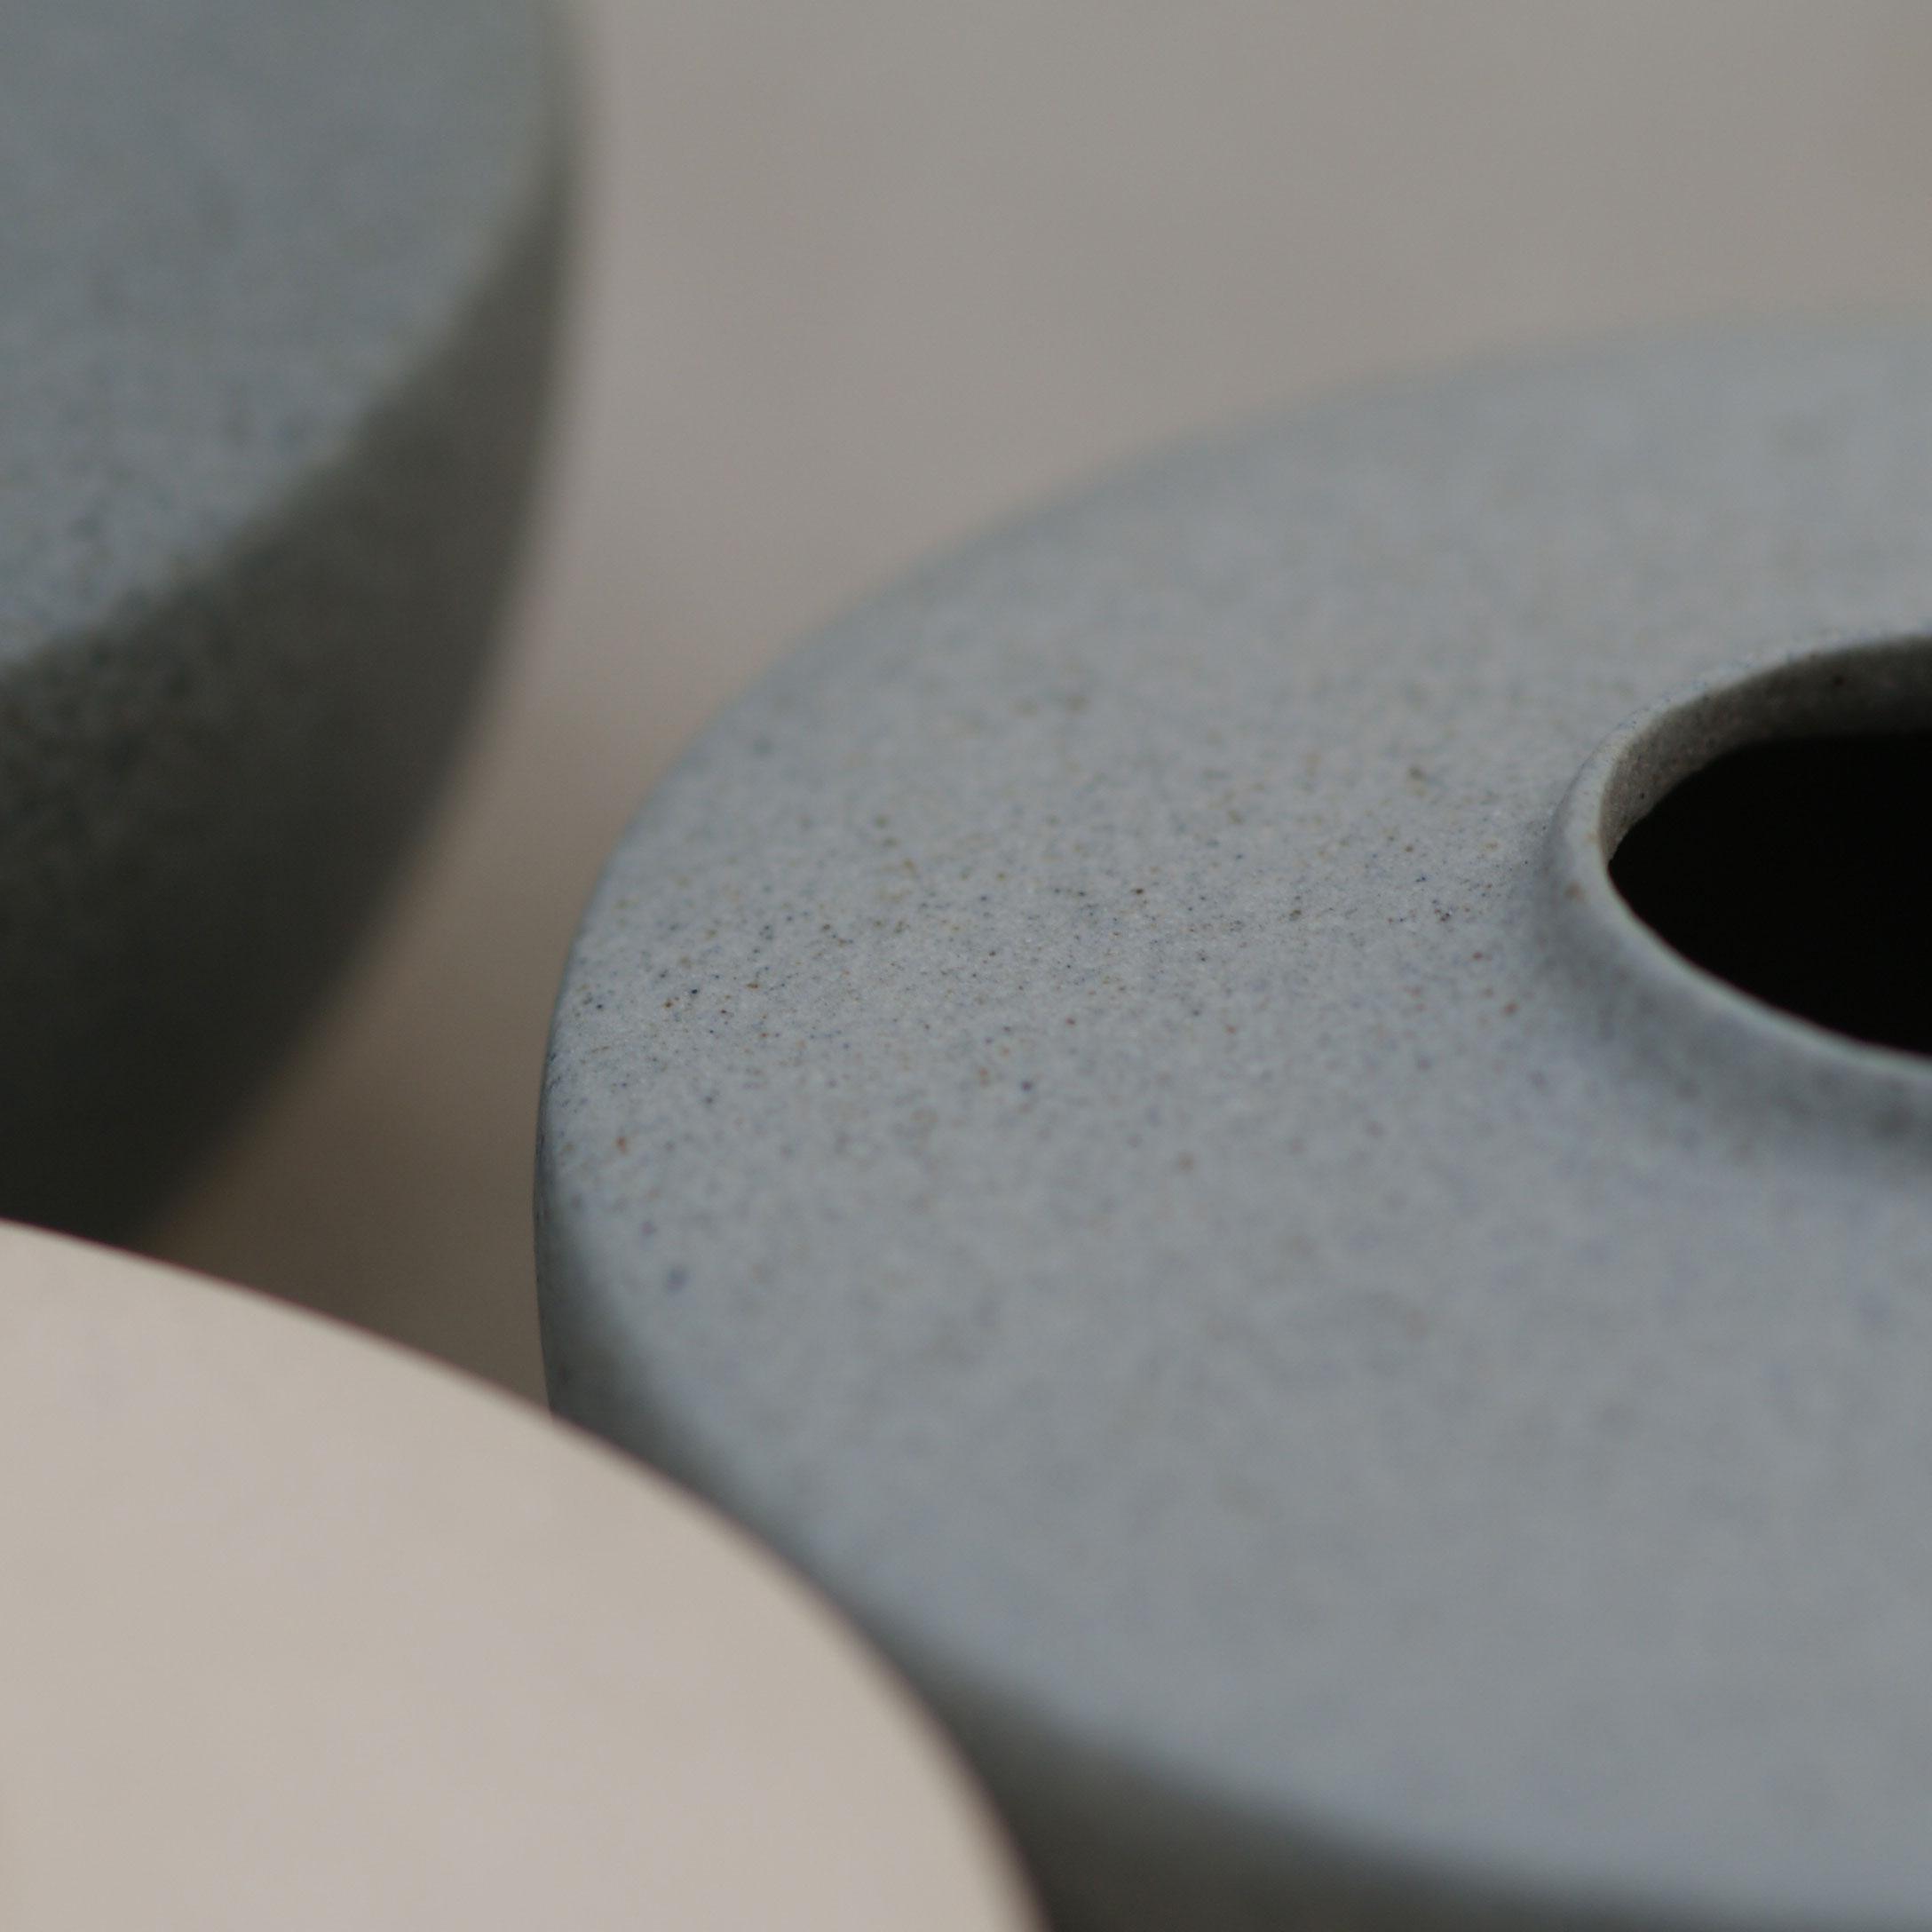 speckle-porcelain-lizzie-simpson-ceramics.jpg